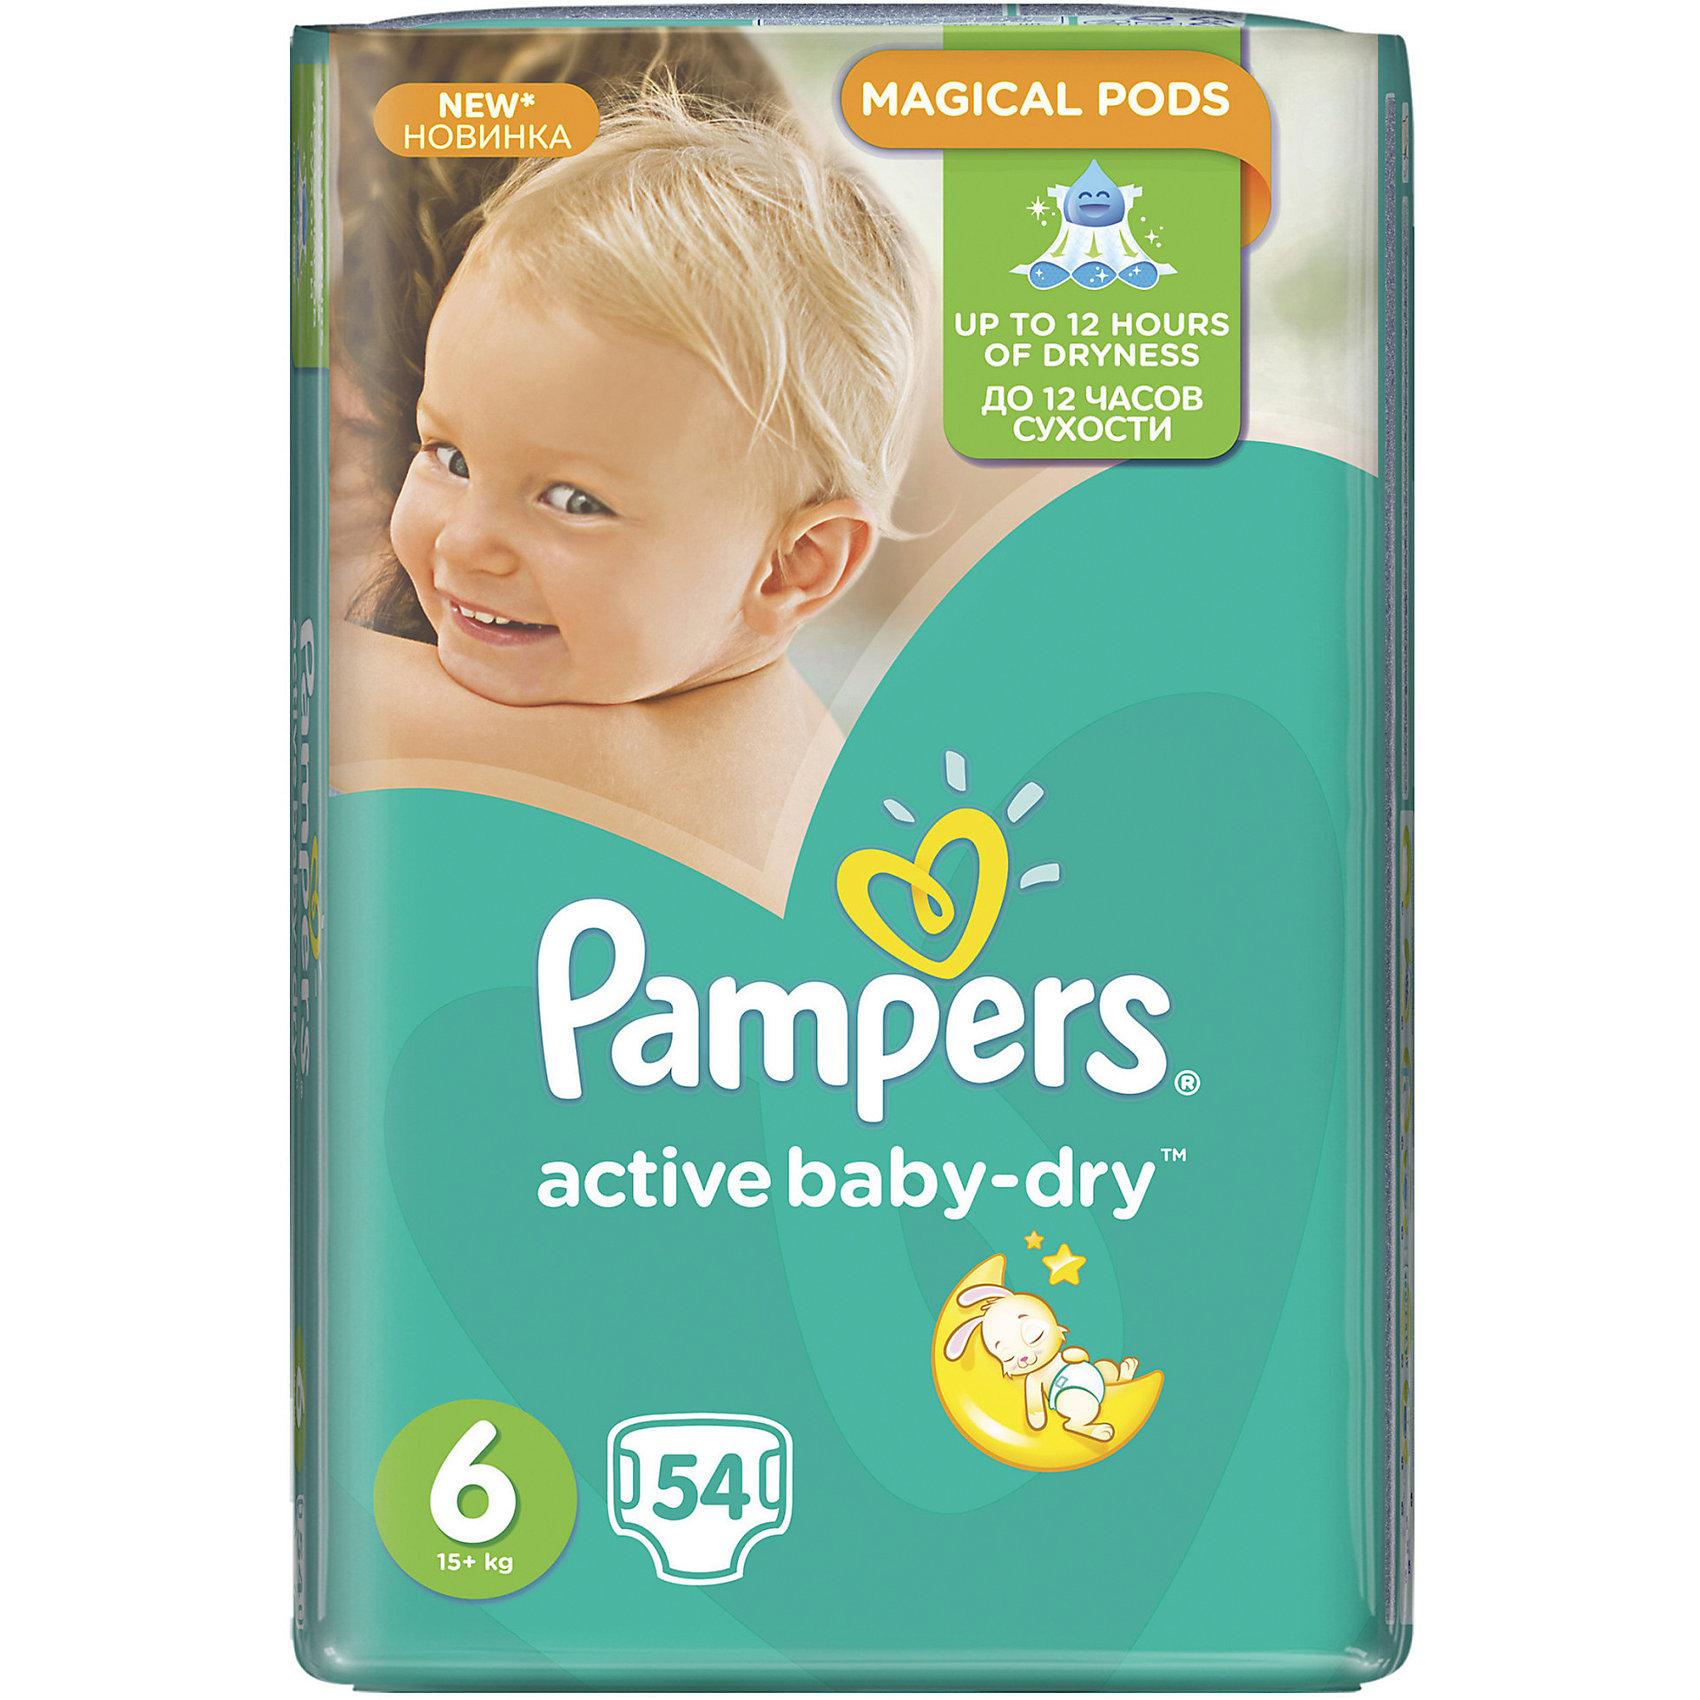 Подгузники Pampers Active Baby-Dry Extra Large, 15+ кг, 6 размер, 54 шт., Pampers<br><br>Ширина мм: 465<br>Глубина мм: 125<br>Высота мм: 253<br>Вес г: 2269<br>Возраст от месяцев: 24<br>Возраст до месяцев: 36<br>Пол: Унисекс<br>Возраст: Детский<br>SKU: 5516305